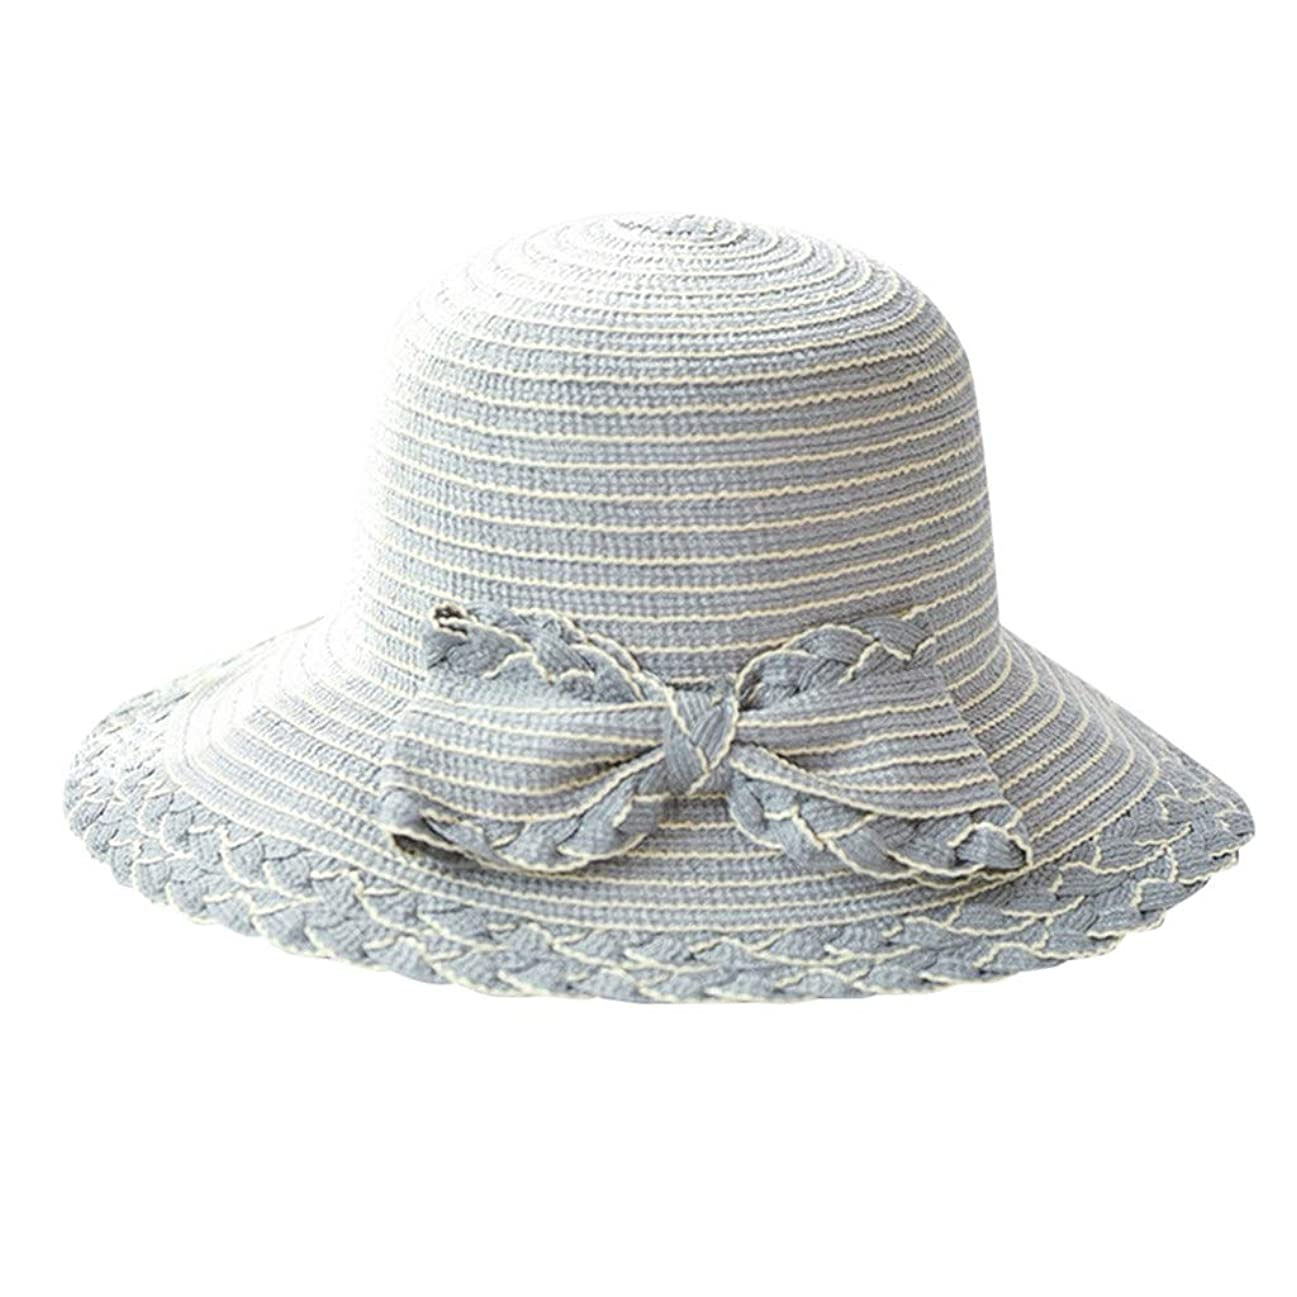 パスタこのリム夏 帽子 レディース UVカット 帽子 ハット レディース 日よけ 夏季 女優帽 日よけ 日焼け 折りたたみ 持ち運び つば広 吸汗通気 ハット レディース 紫外線対策 小顔効果 ワイヤー入る ハット ROSE ROMAN